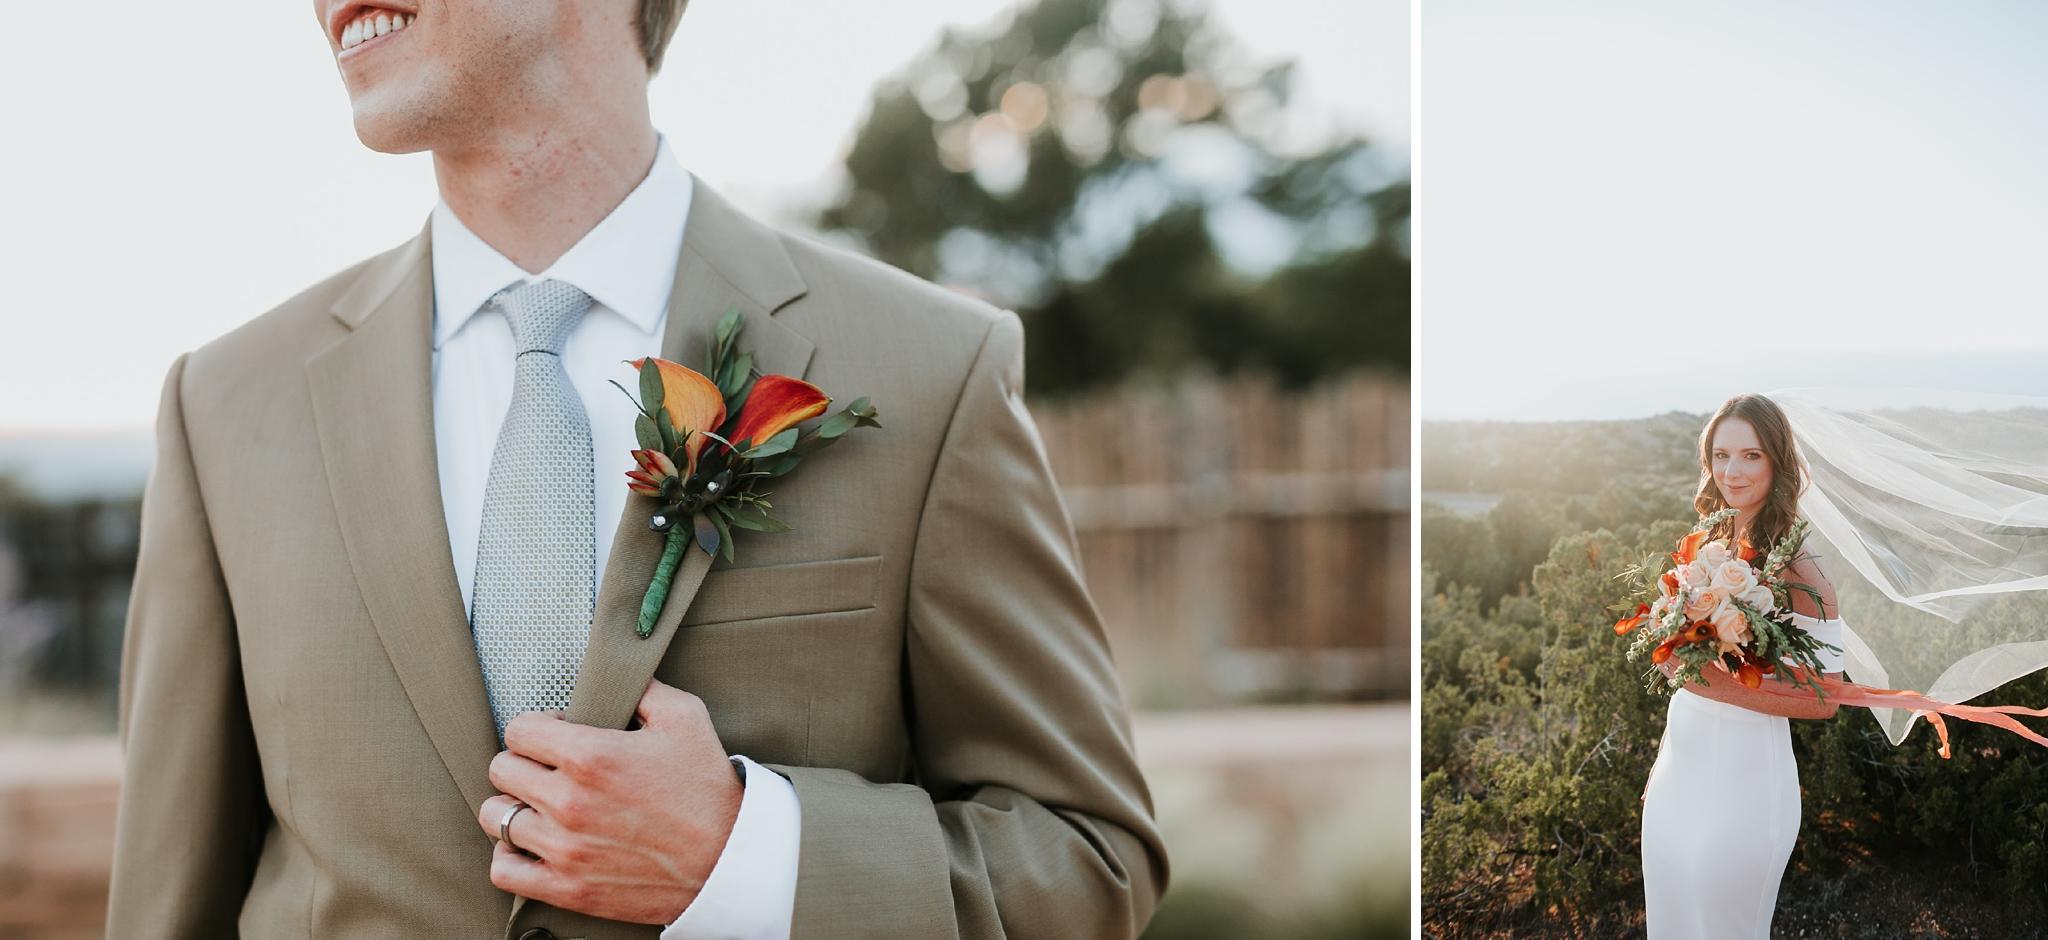 Alicia+lucia+photography+-+albuquerque+wedding+photographer+-+santa+fe+wedding+photography+-+new+mexico+wedding+photographer+-+new+mexico+wedding+-+summer+wedding+-+summer+wedding+florals+-+southwest+wedding_0114.jpg